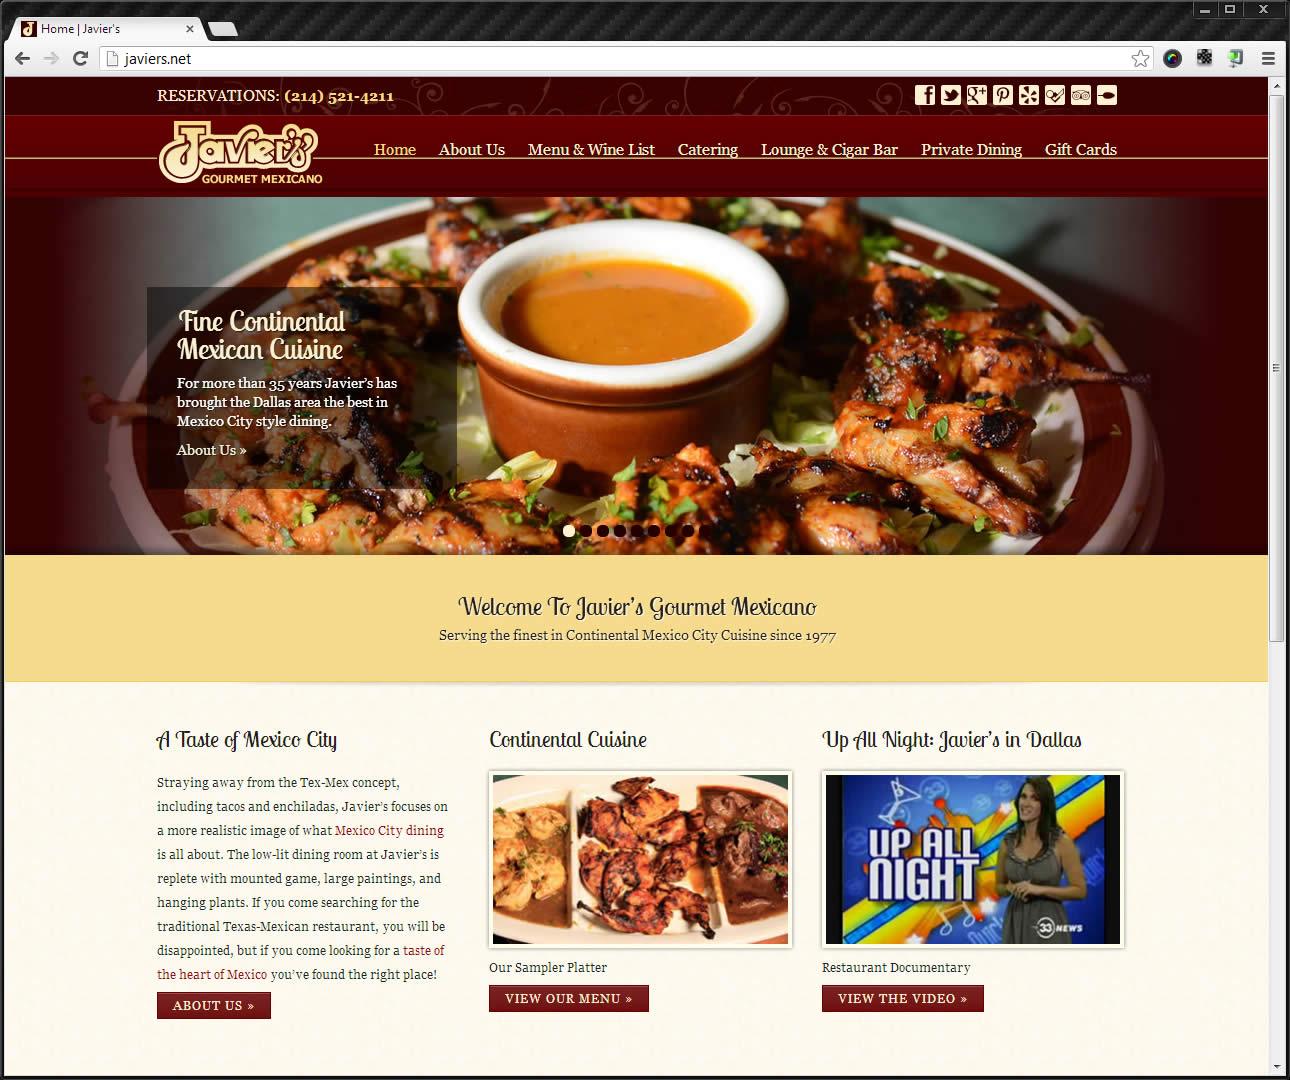 Javier's Website